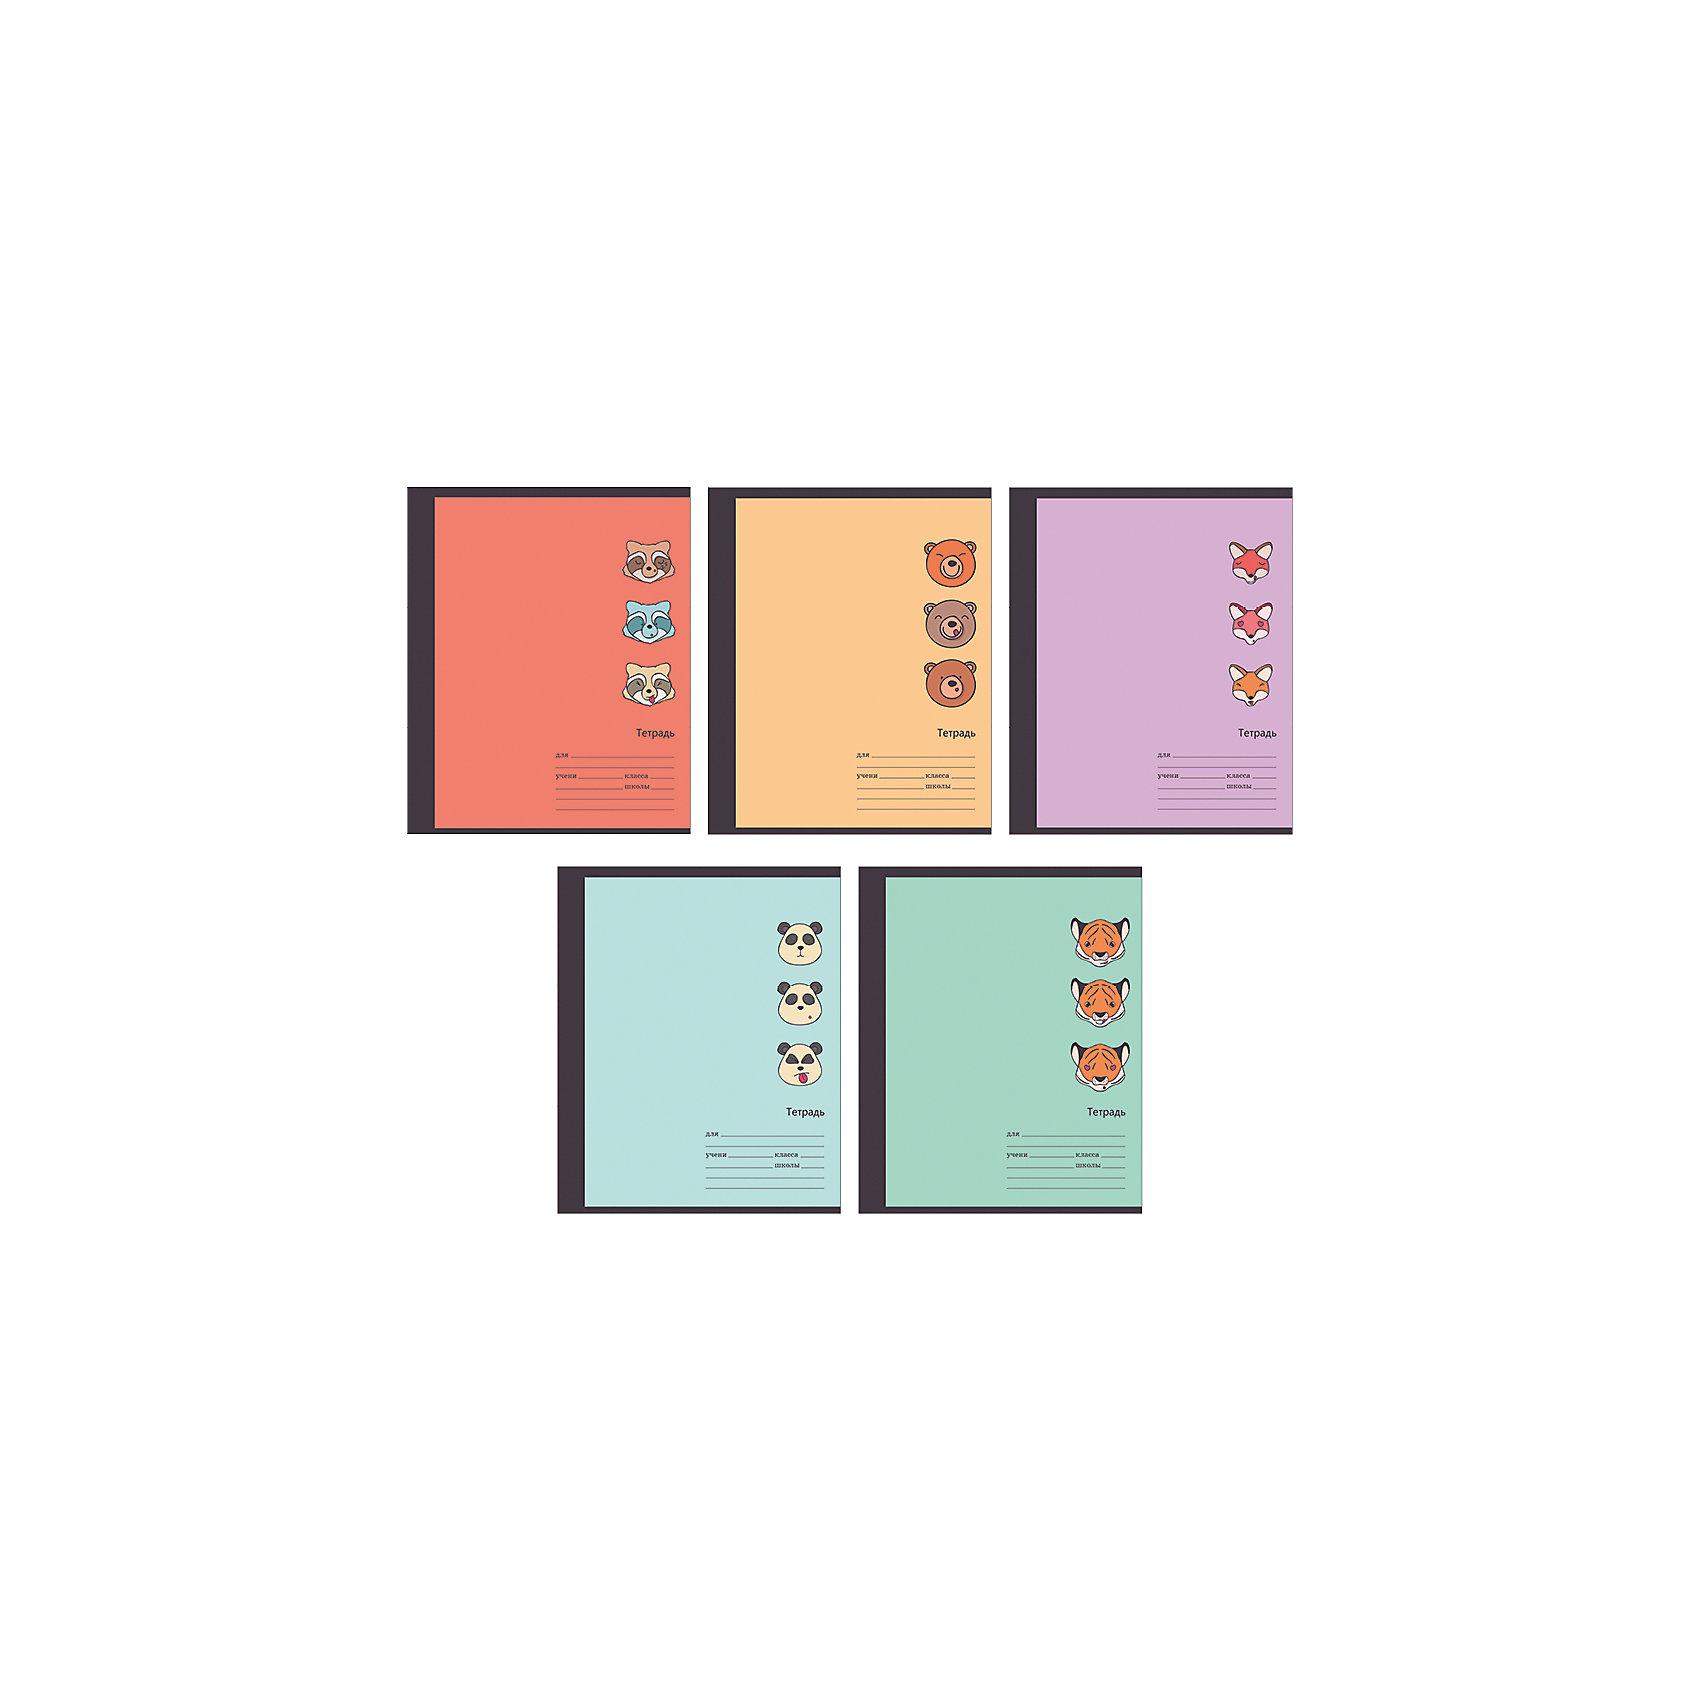 Комплект тетрадей Забавные звери (10 шт), 18 листов, Канц-ЭксмоБумажная продукция<br>Характеристики комплекта тетрадей Забавные звери:<br><br>• размеры: 20.2х16.3х3.5 см<br>• количество листов: 18 шт.<br>• разлиновка: линейка<br>• формат: А 5 <br>• комплектация: тетрадь<br>• бумага: офсет, плотностью 60 г/м2.<br>• обложка: мелованный картон , выборочный лак.<br>• бренд: Канц-Эксмо<br>• страна бренда: Россия<br>• страна производителя: Россия<br><br>Комплект тетрадей Забавные звери от производителя Канц-Эксмо выполнен в формате А5. Количество листов 18, тетради в линейку с полями. Крепление: скрепка. Обложка у изделий плотная - мелованный картон, выборочный лак.<br><br>Комплект тетрадей Забавные звери от производителя Канц-Эксмо можно купить в нашем интернет-магазине.<br><br>Ширина мм: 210<br>Глубина мм: 165<br>Высота мм: 20<br>Вес г: 52<br>Возраст от месяцев: 72<br>Возраст до месяцев: 2147483647<br>Пол: Унисекс<br>Возраст: Детский<br>SKU: 5448392